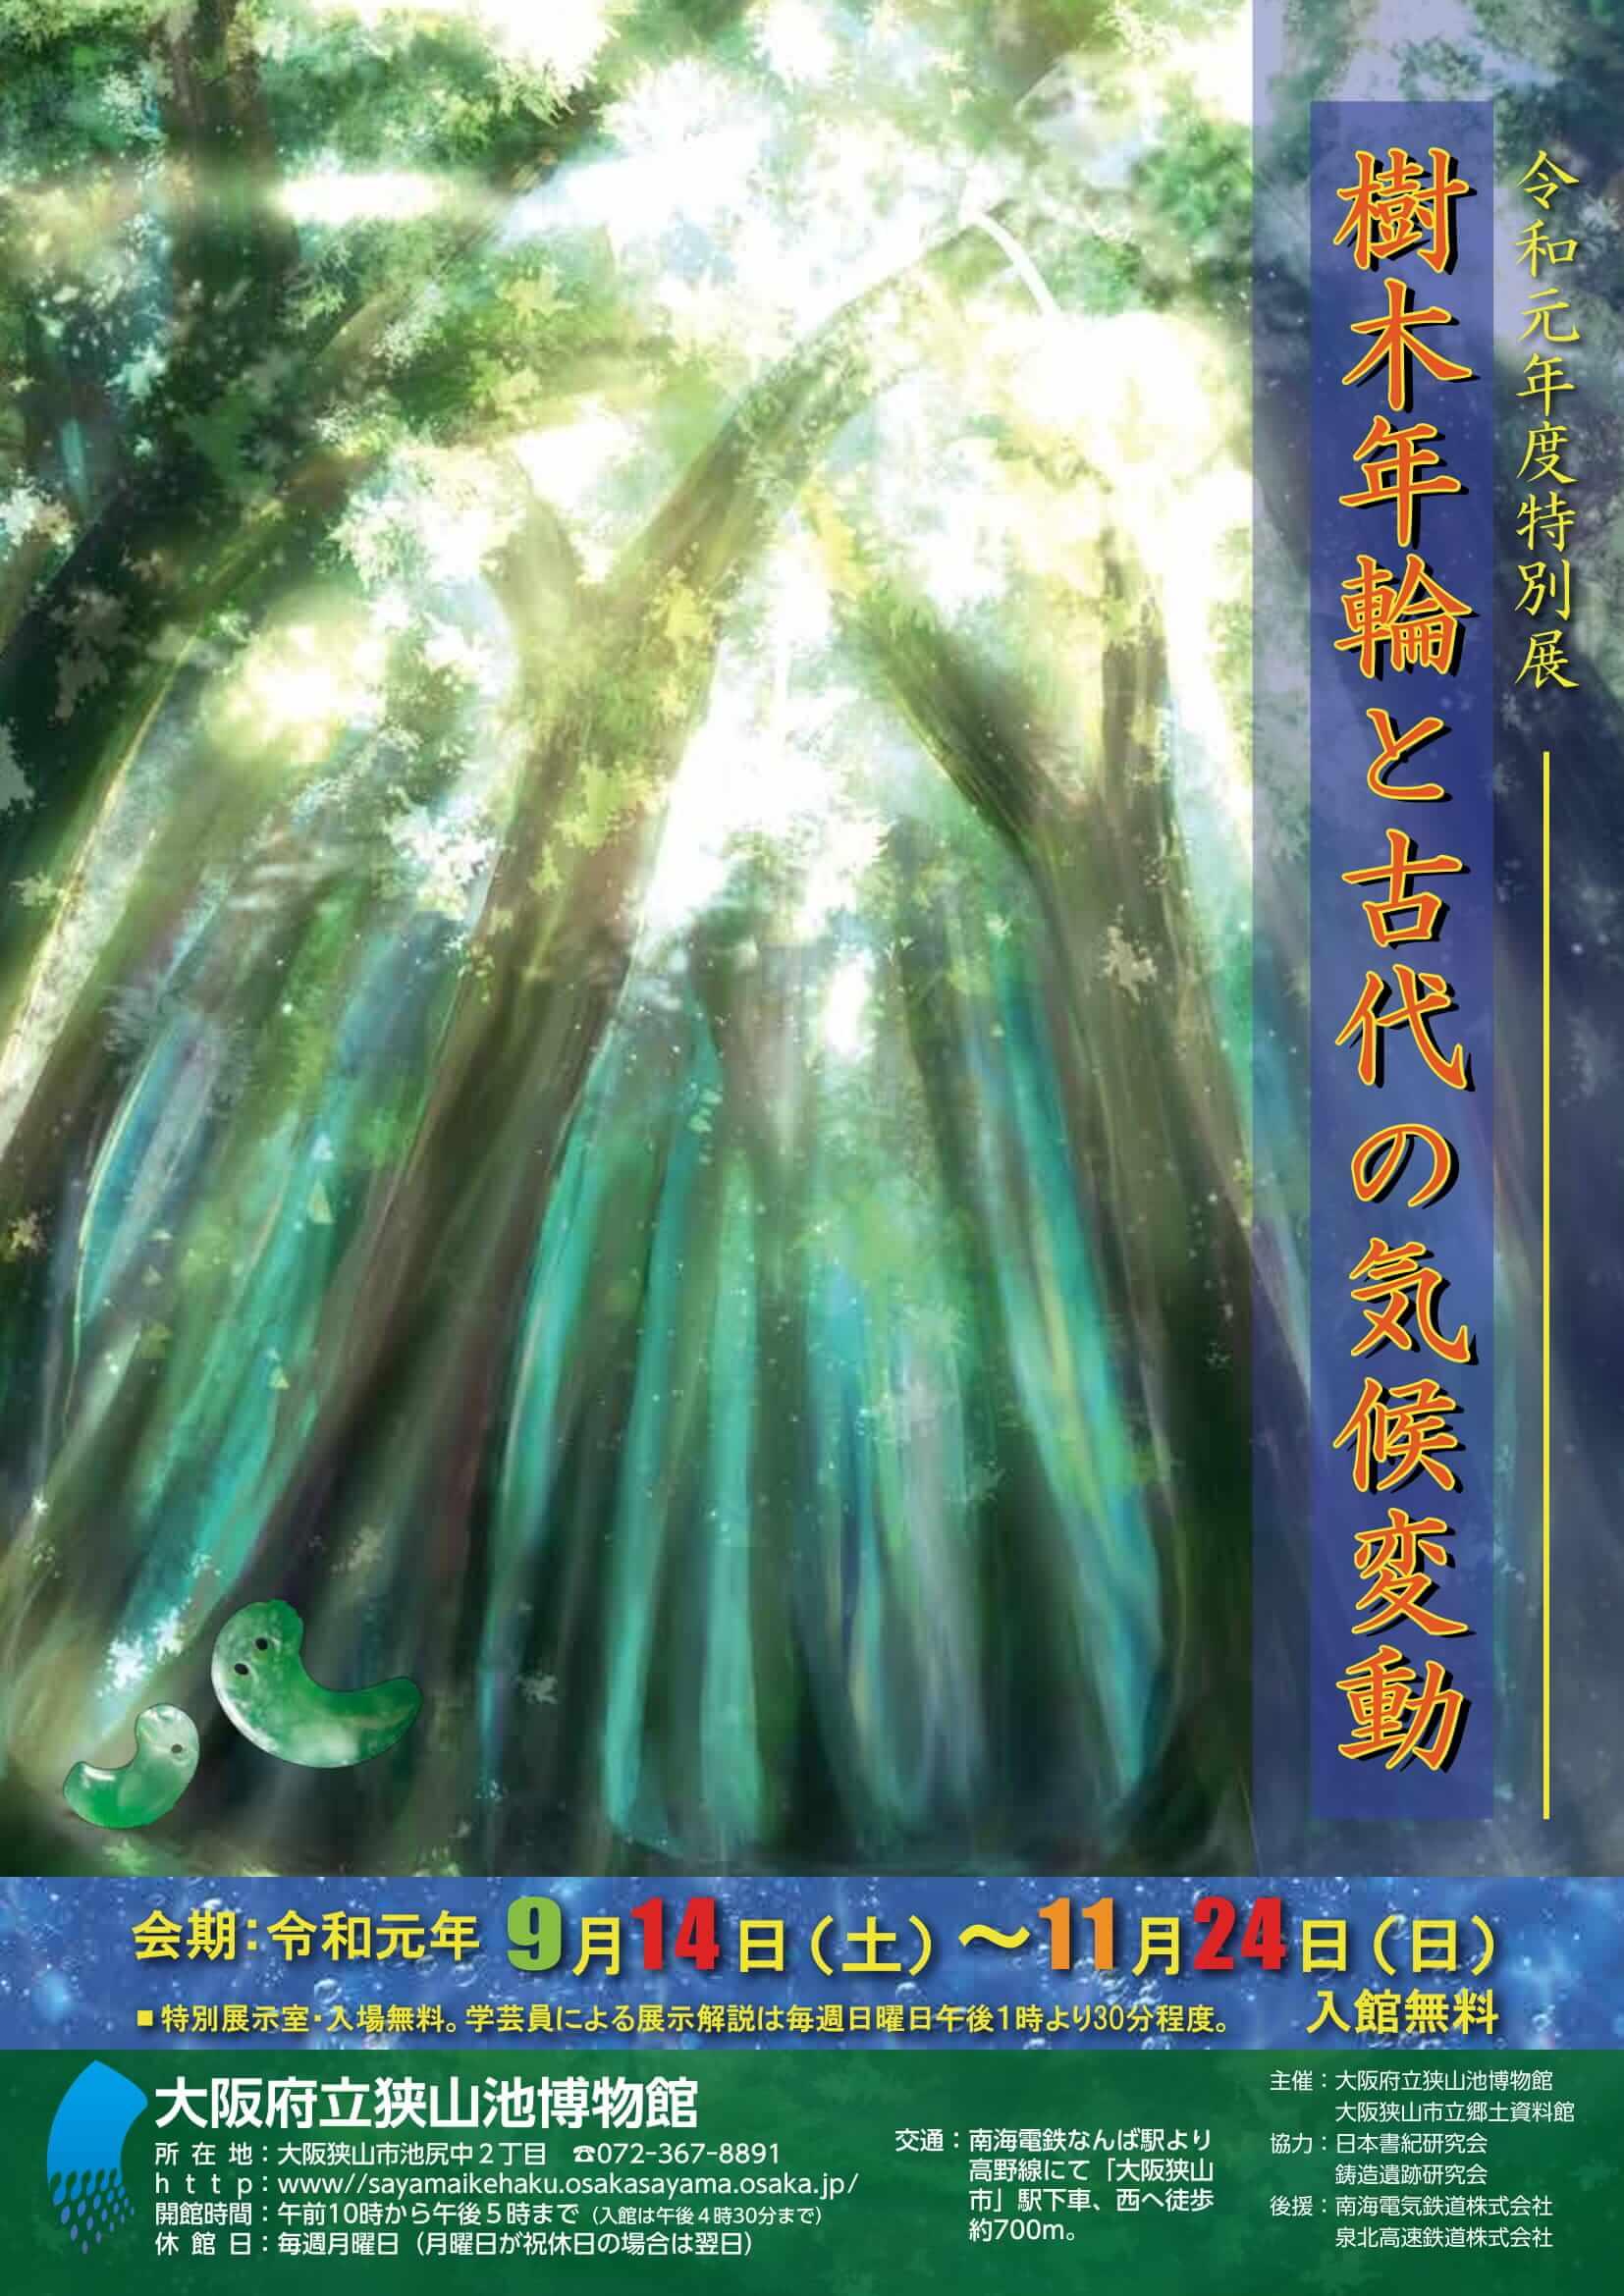 令和元年度特別展「樹木年輪と古代の気候変動」が狭山池博物館で2019年9月14日から11月24日まで開催